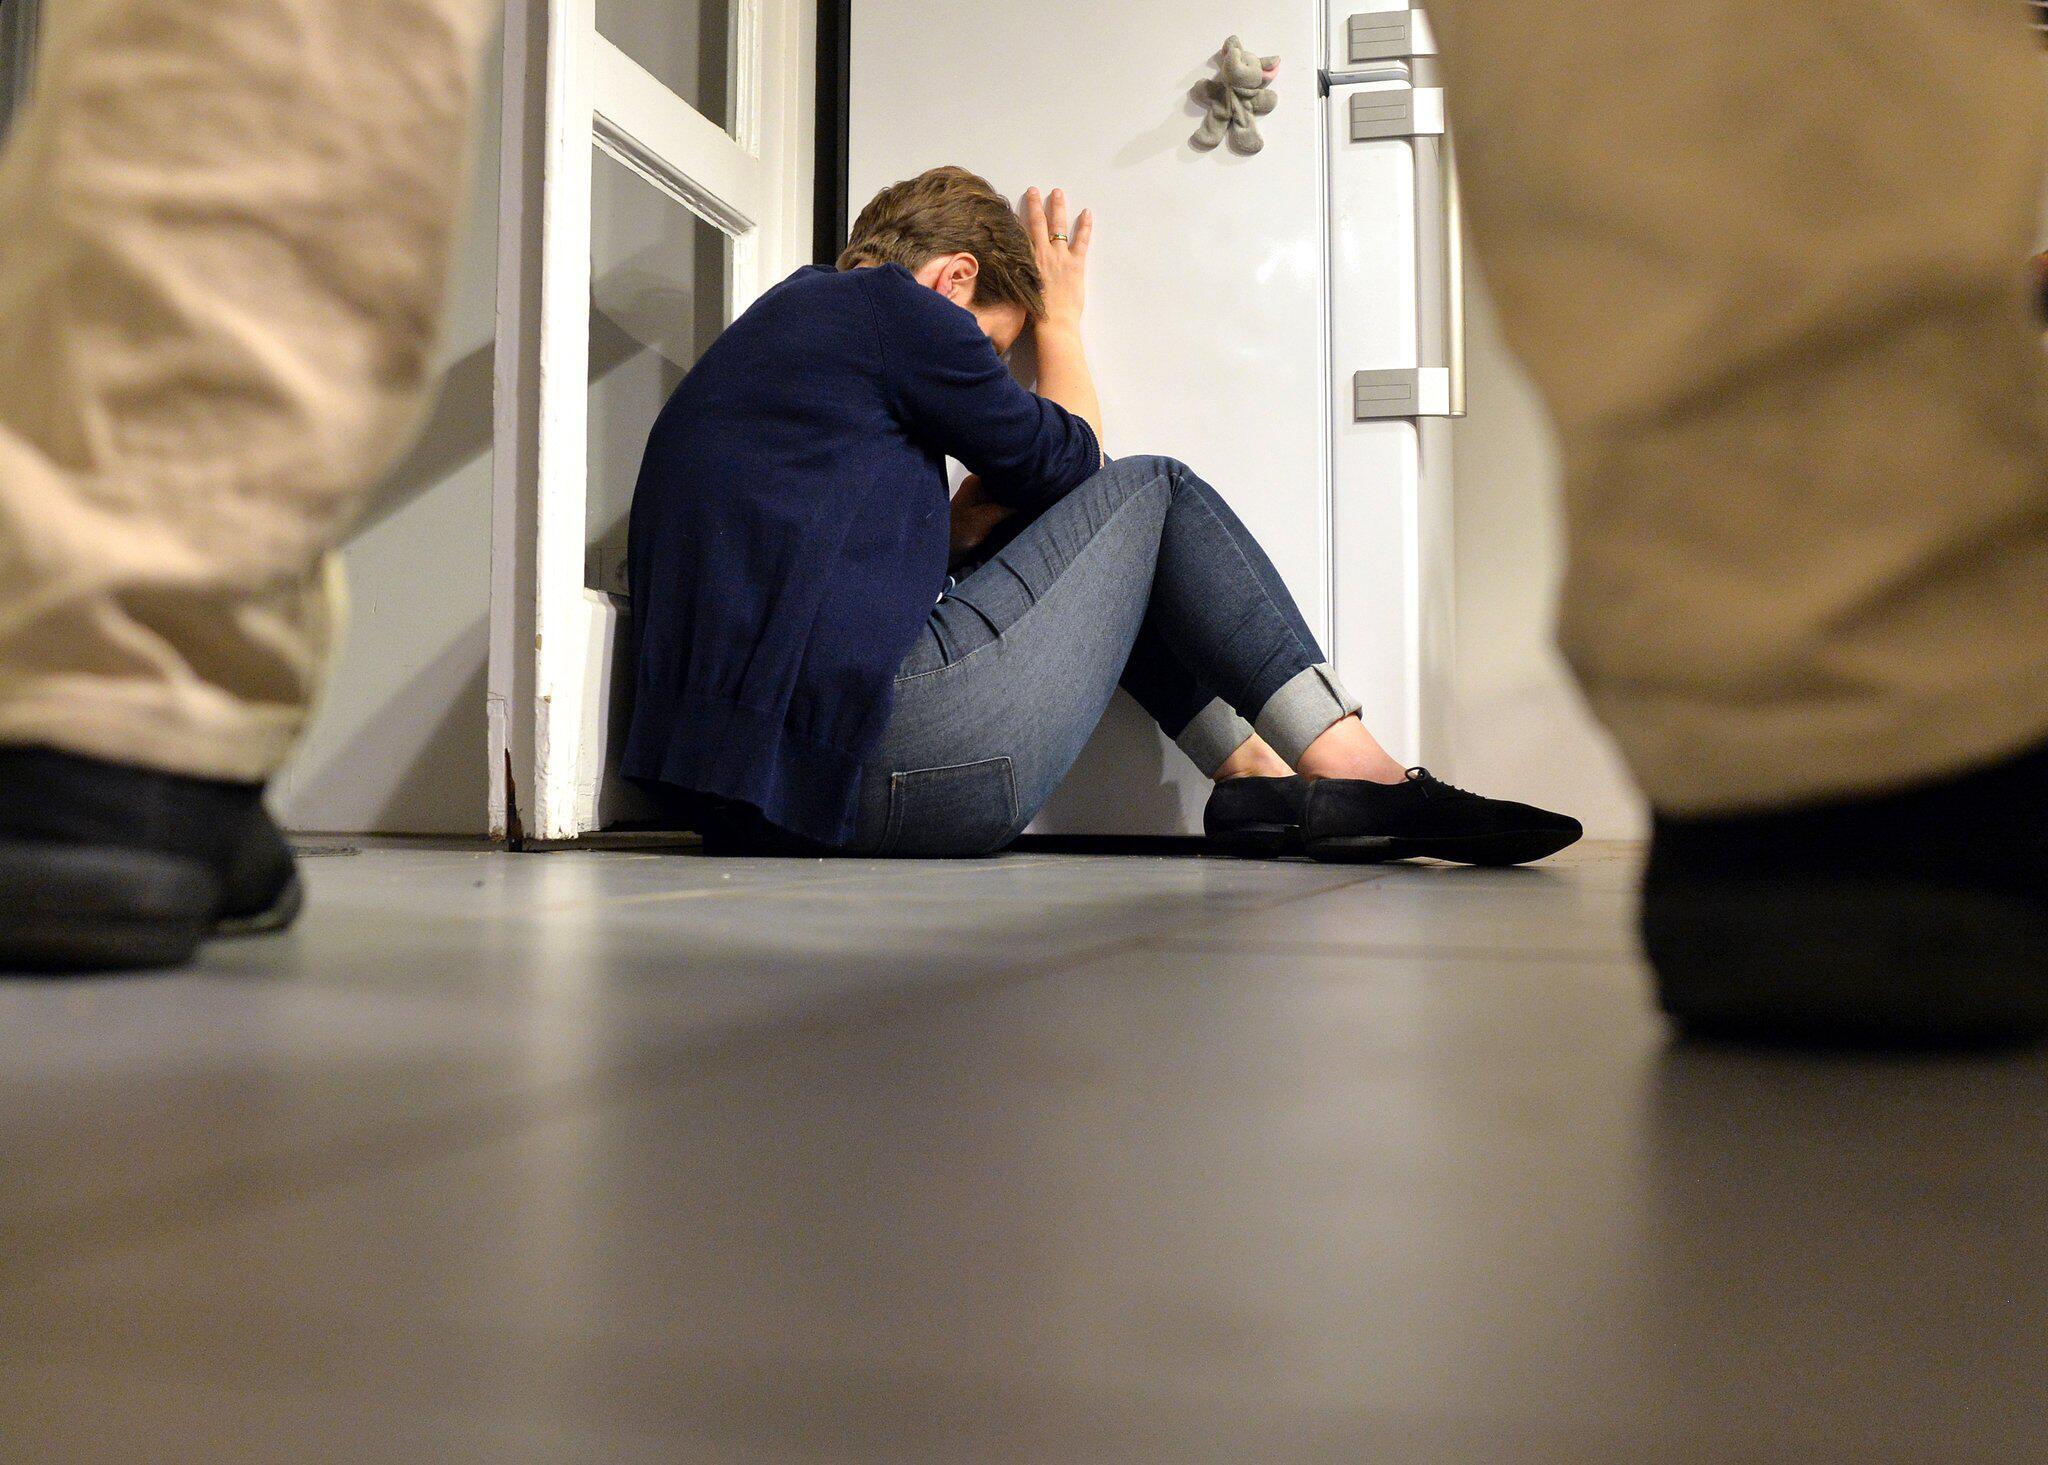 Bild zu Gewalt gegen Frau, häusliche Gewalt